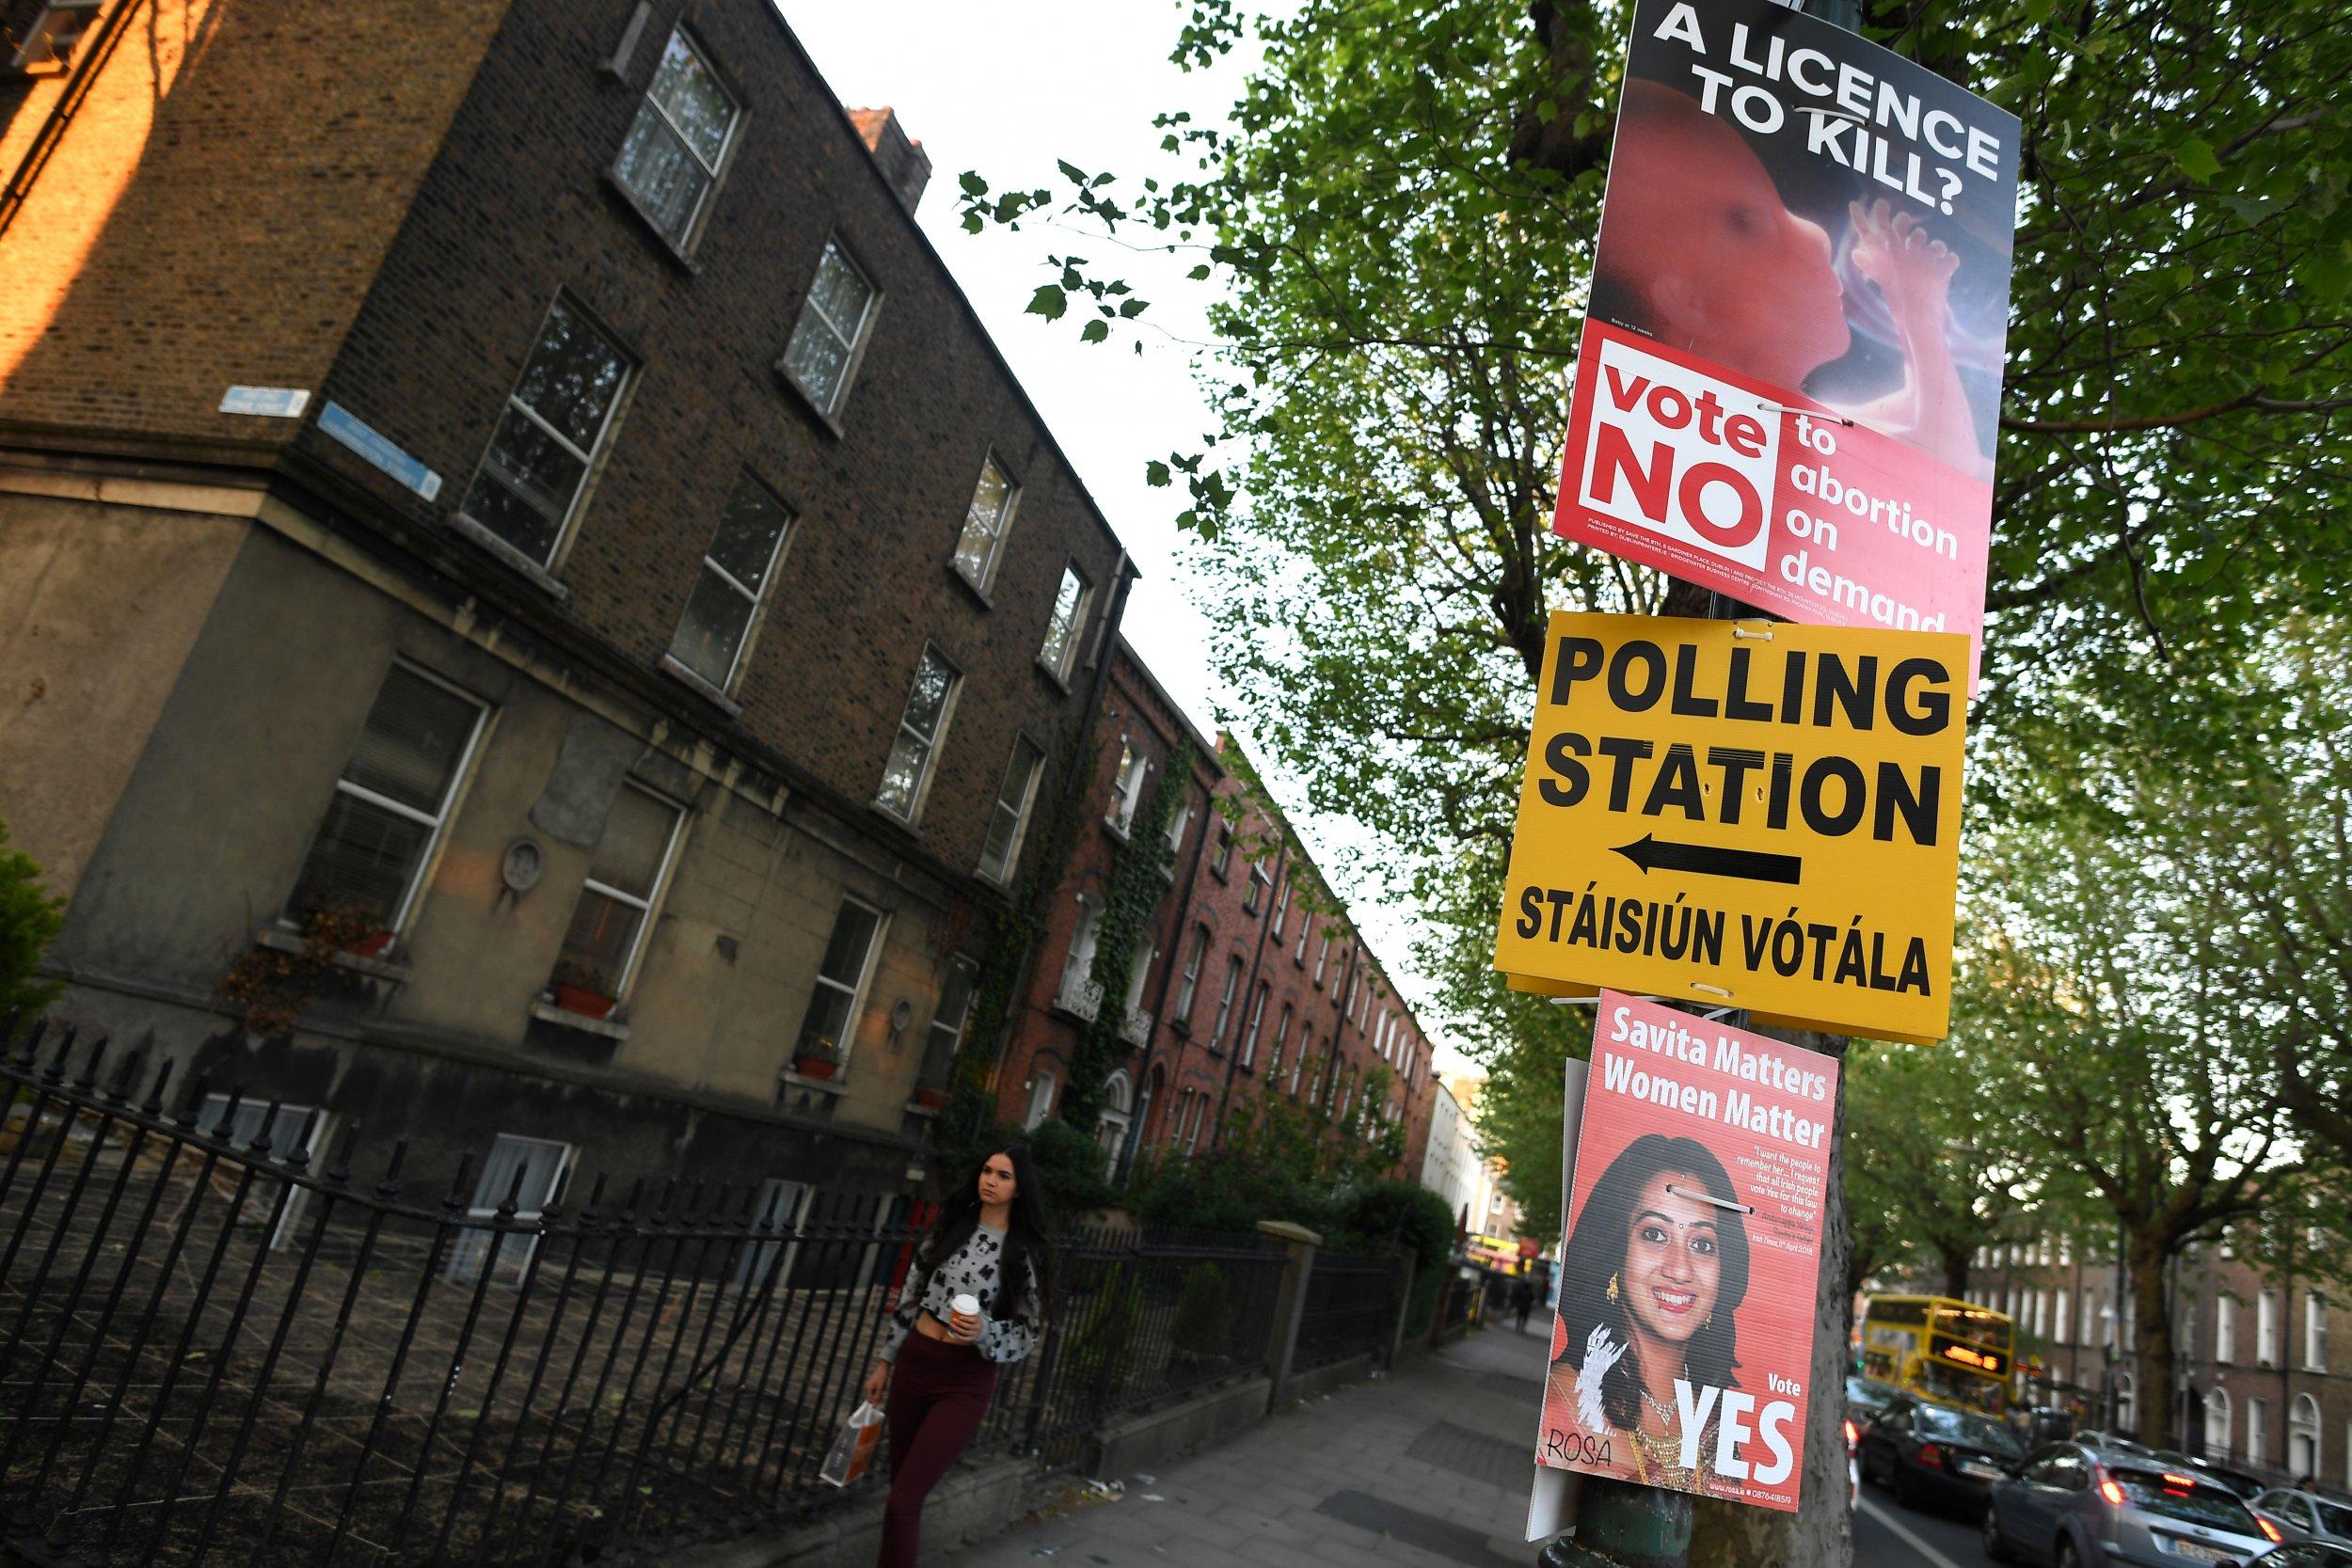 ireland abortion referendum - photo #5